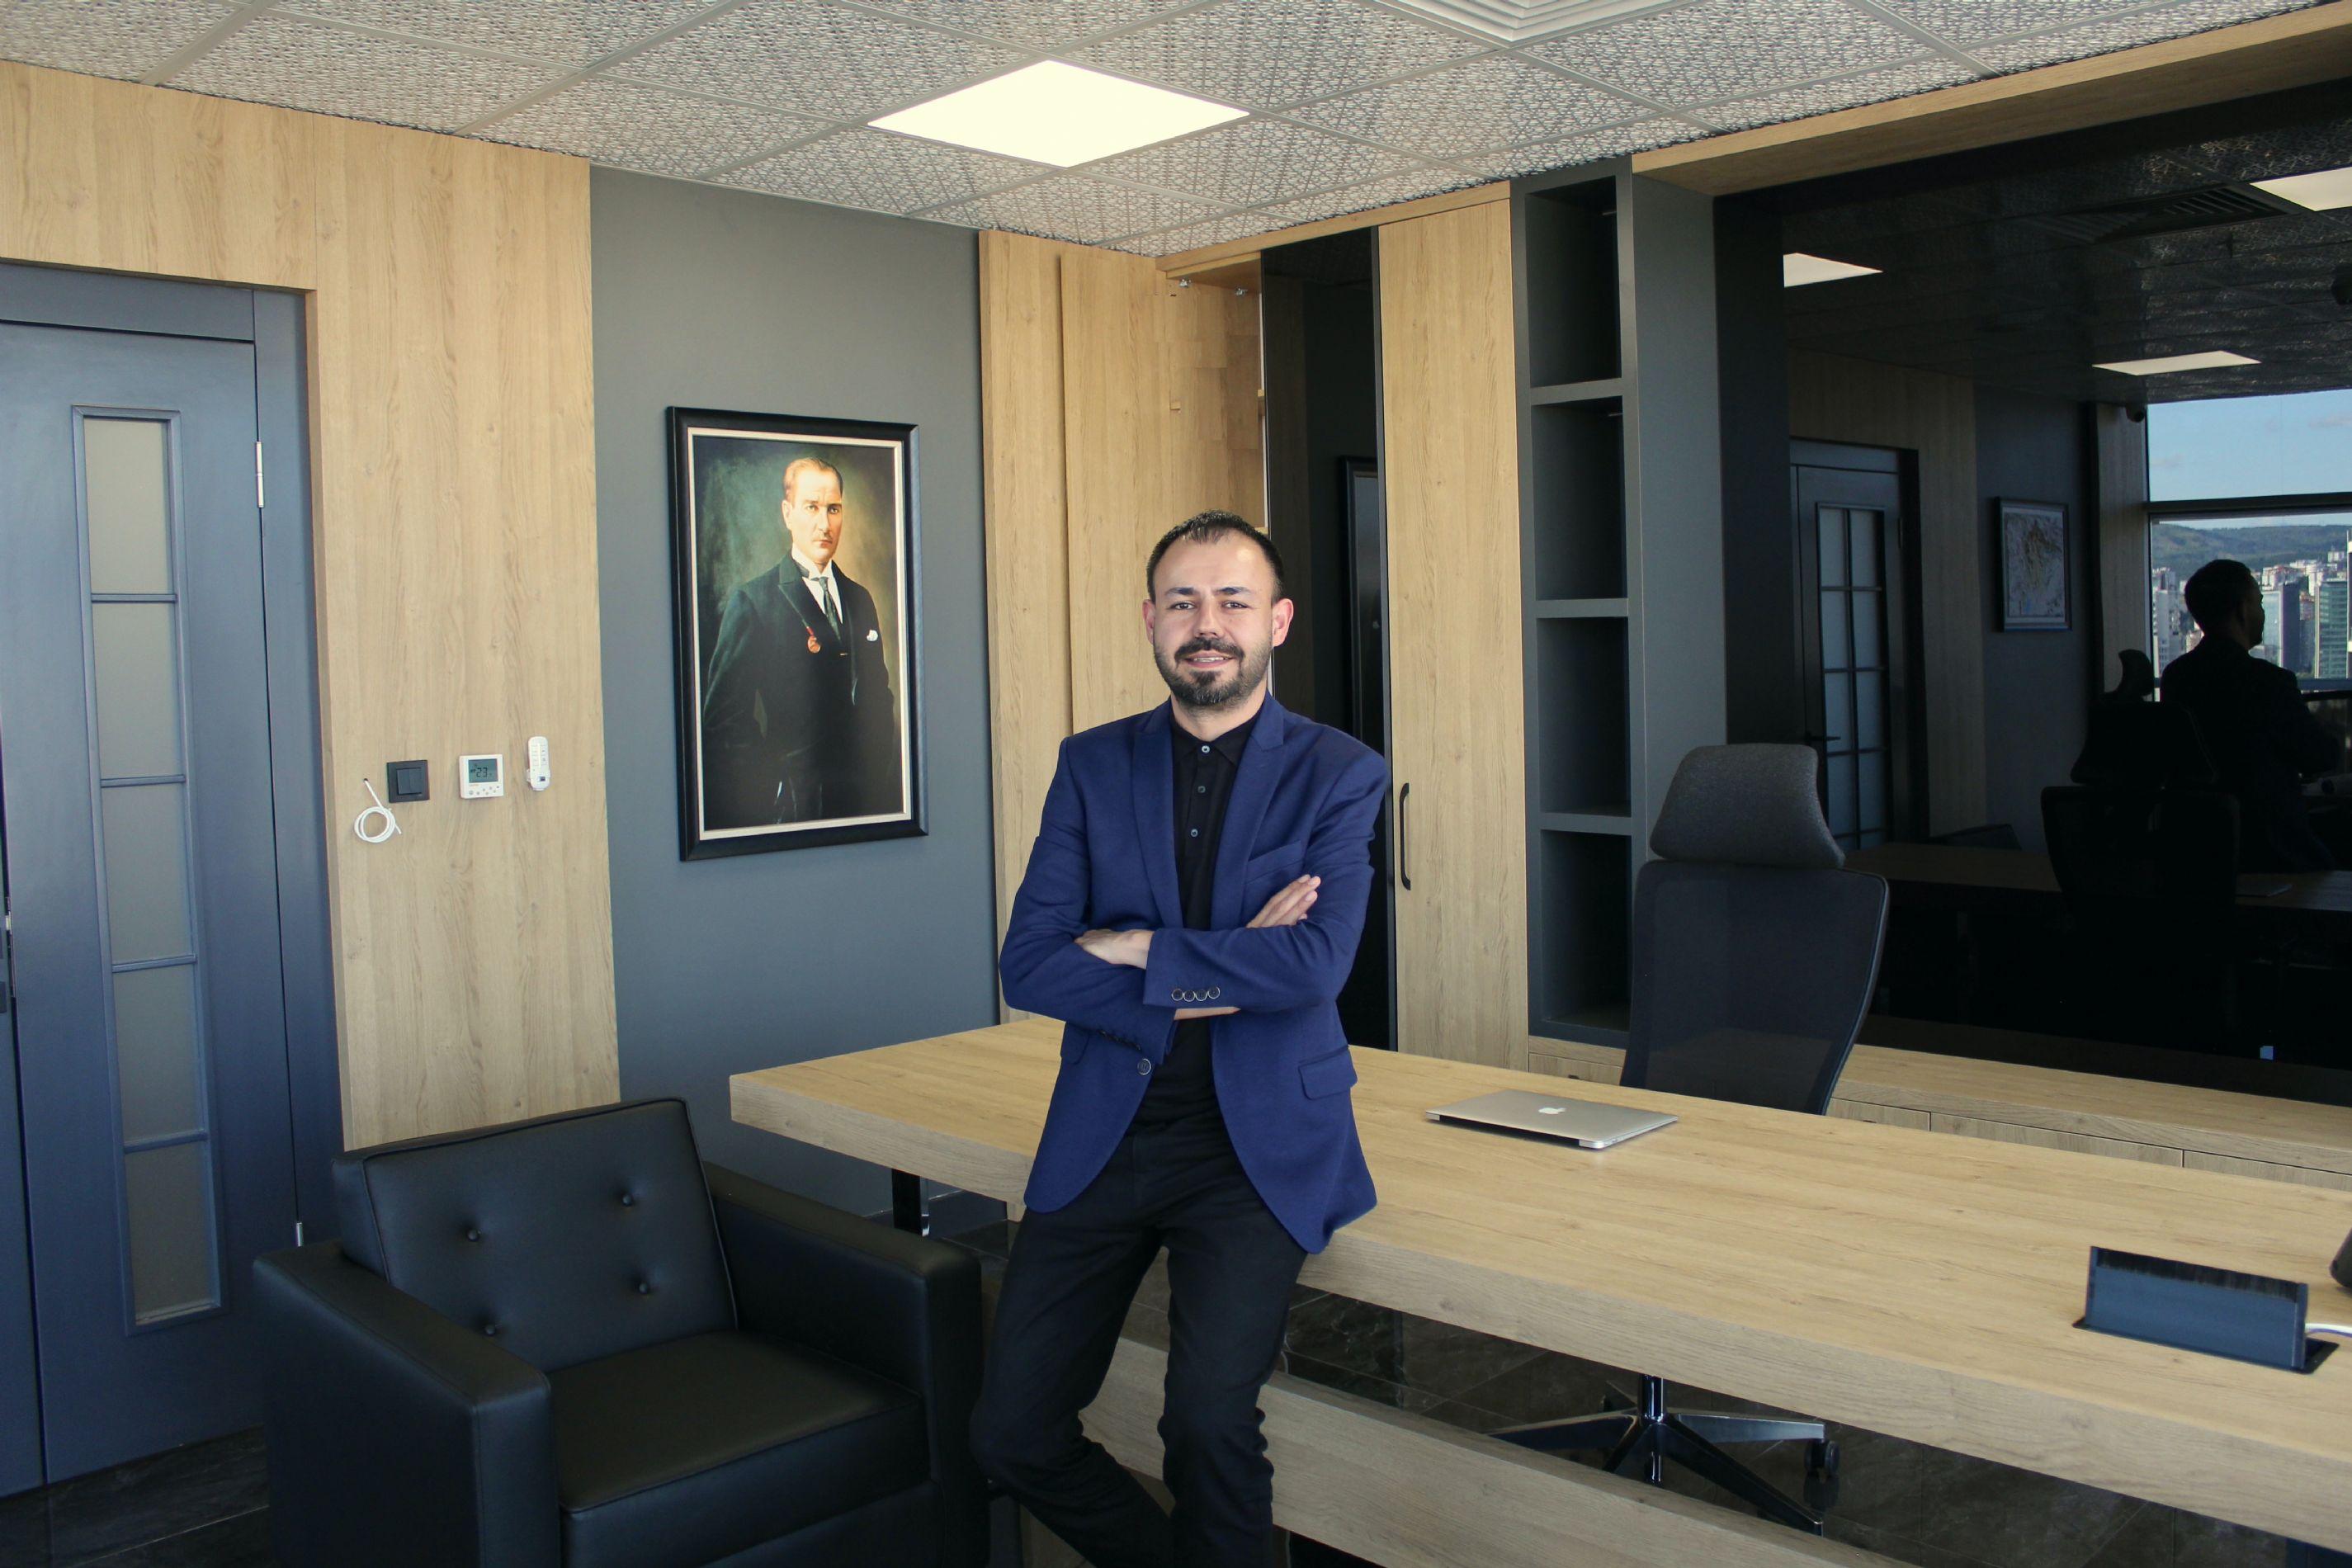 Корхан Топалоглу - офис-менеджер в Анкаре